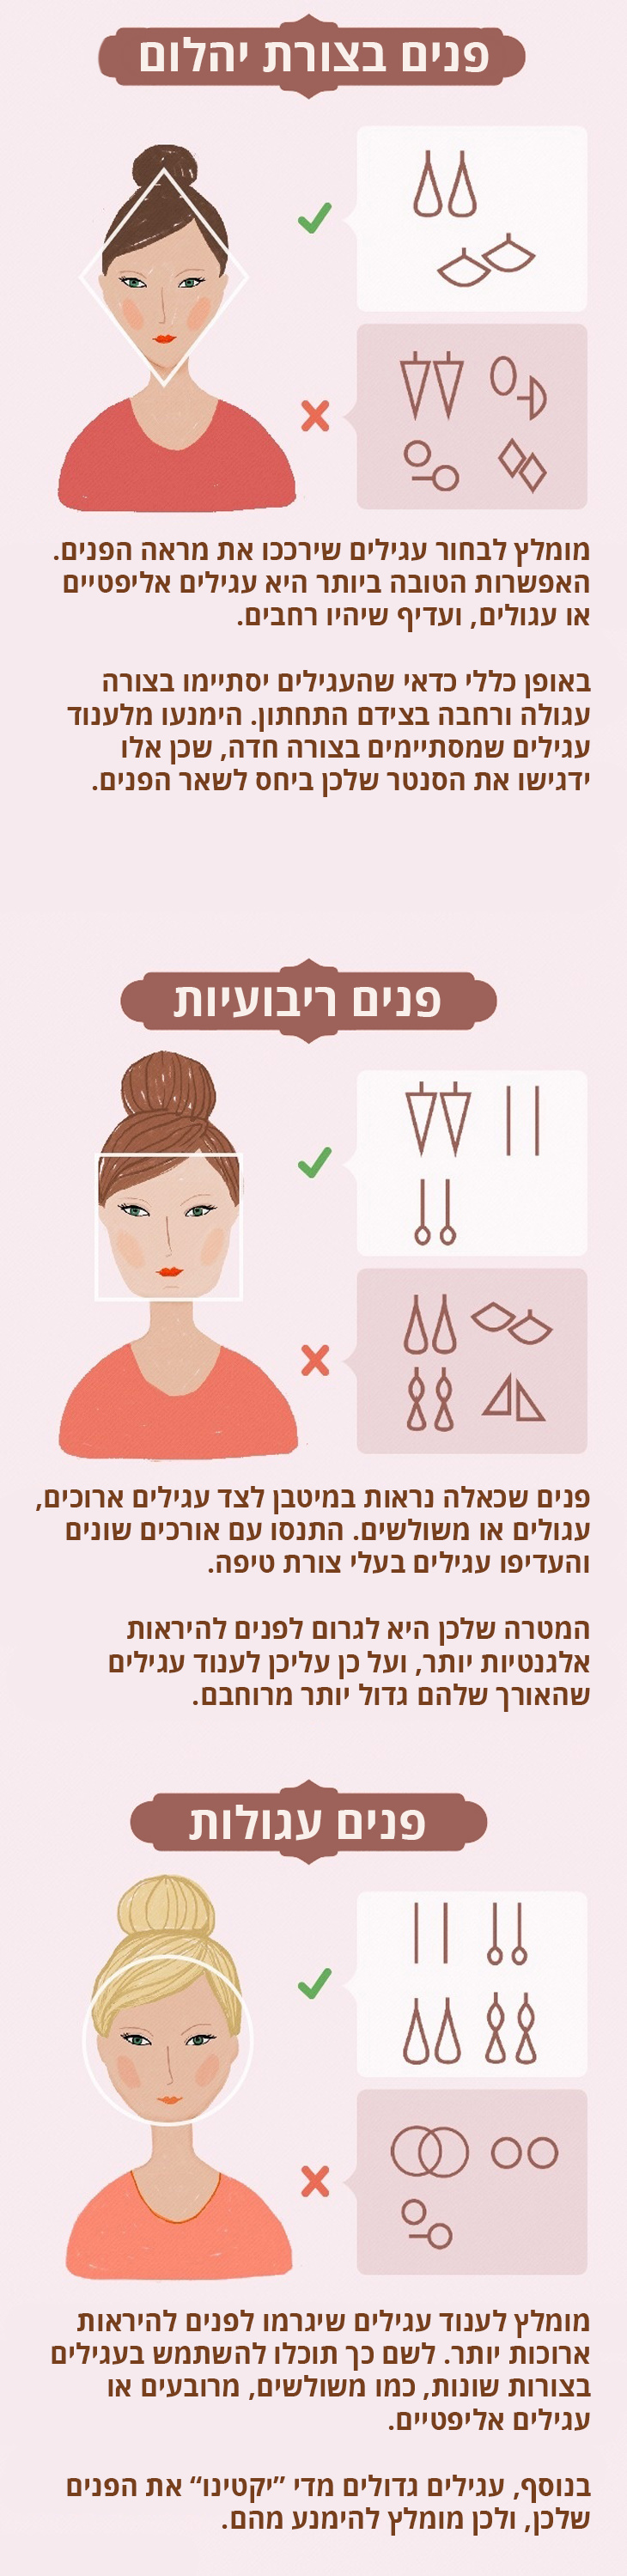 איך להתאים תכשיטים ללבוש ולצורת הפנים